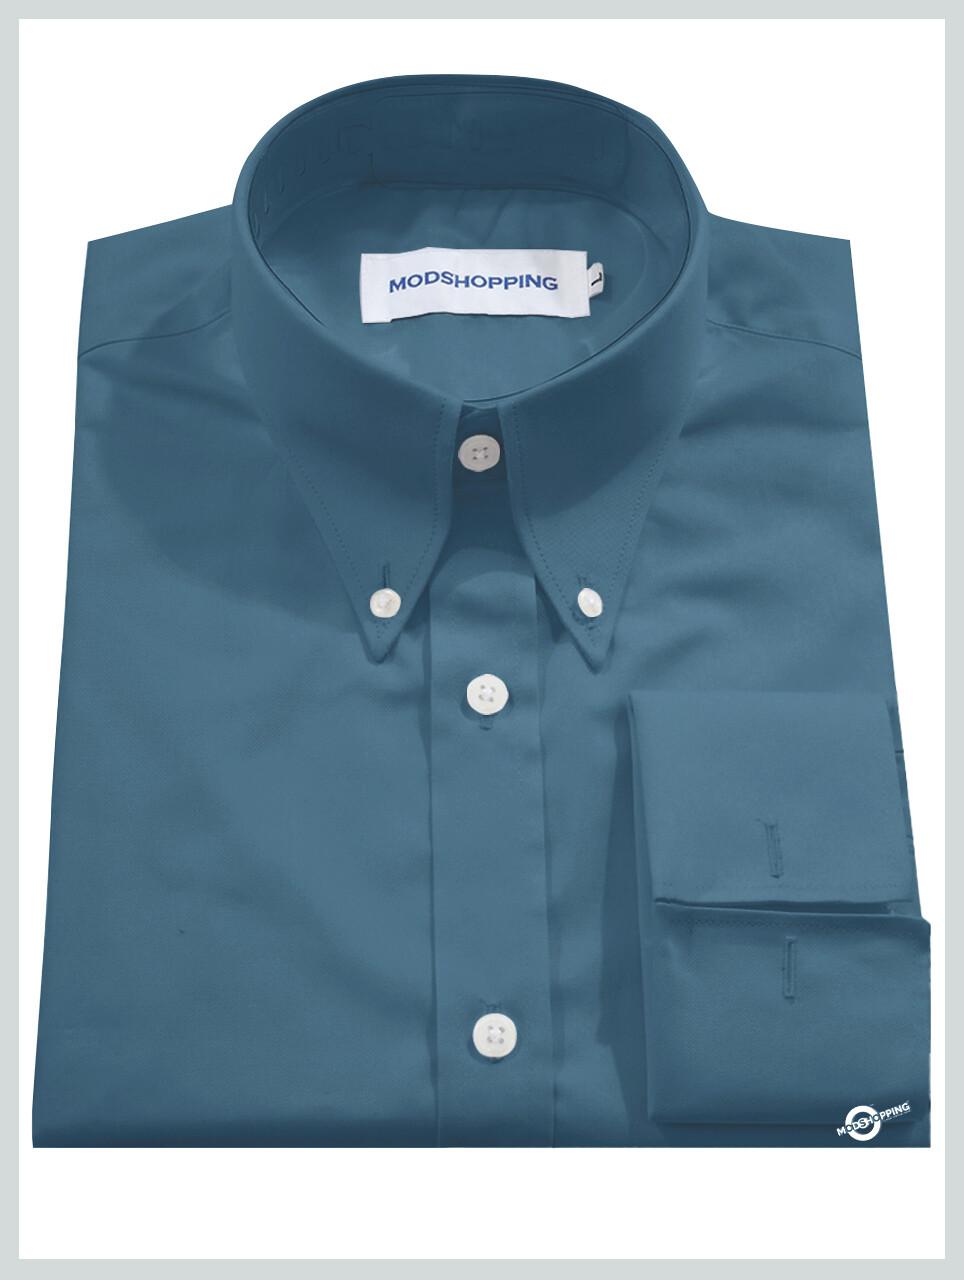 High Collar Cadet Blue Shirt| Formal Shirts For Men